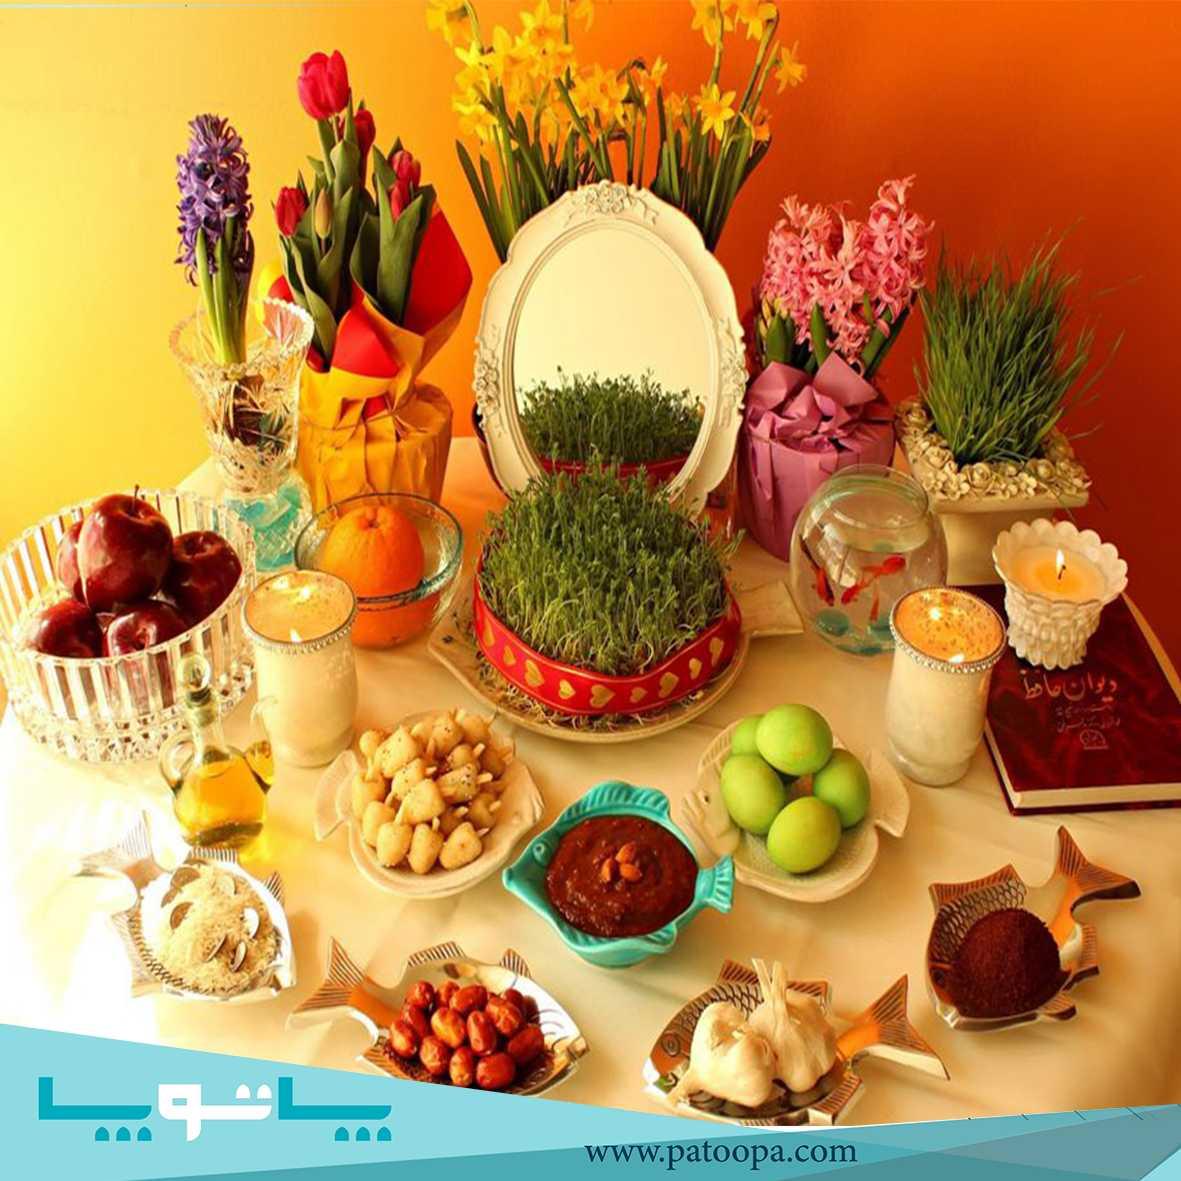 آداب و رسوم ایرانیان